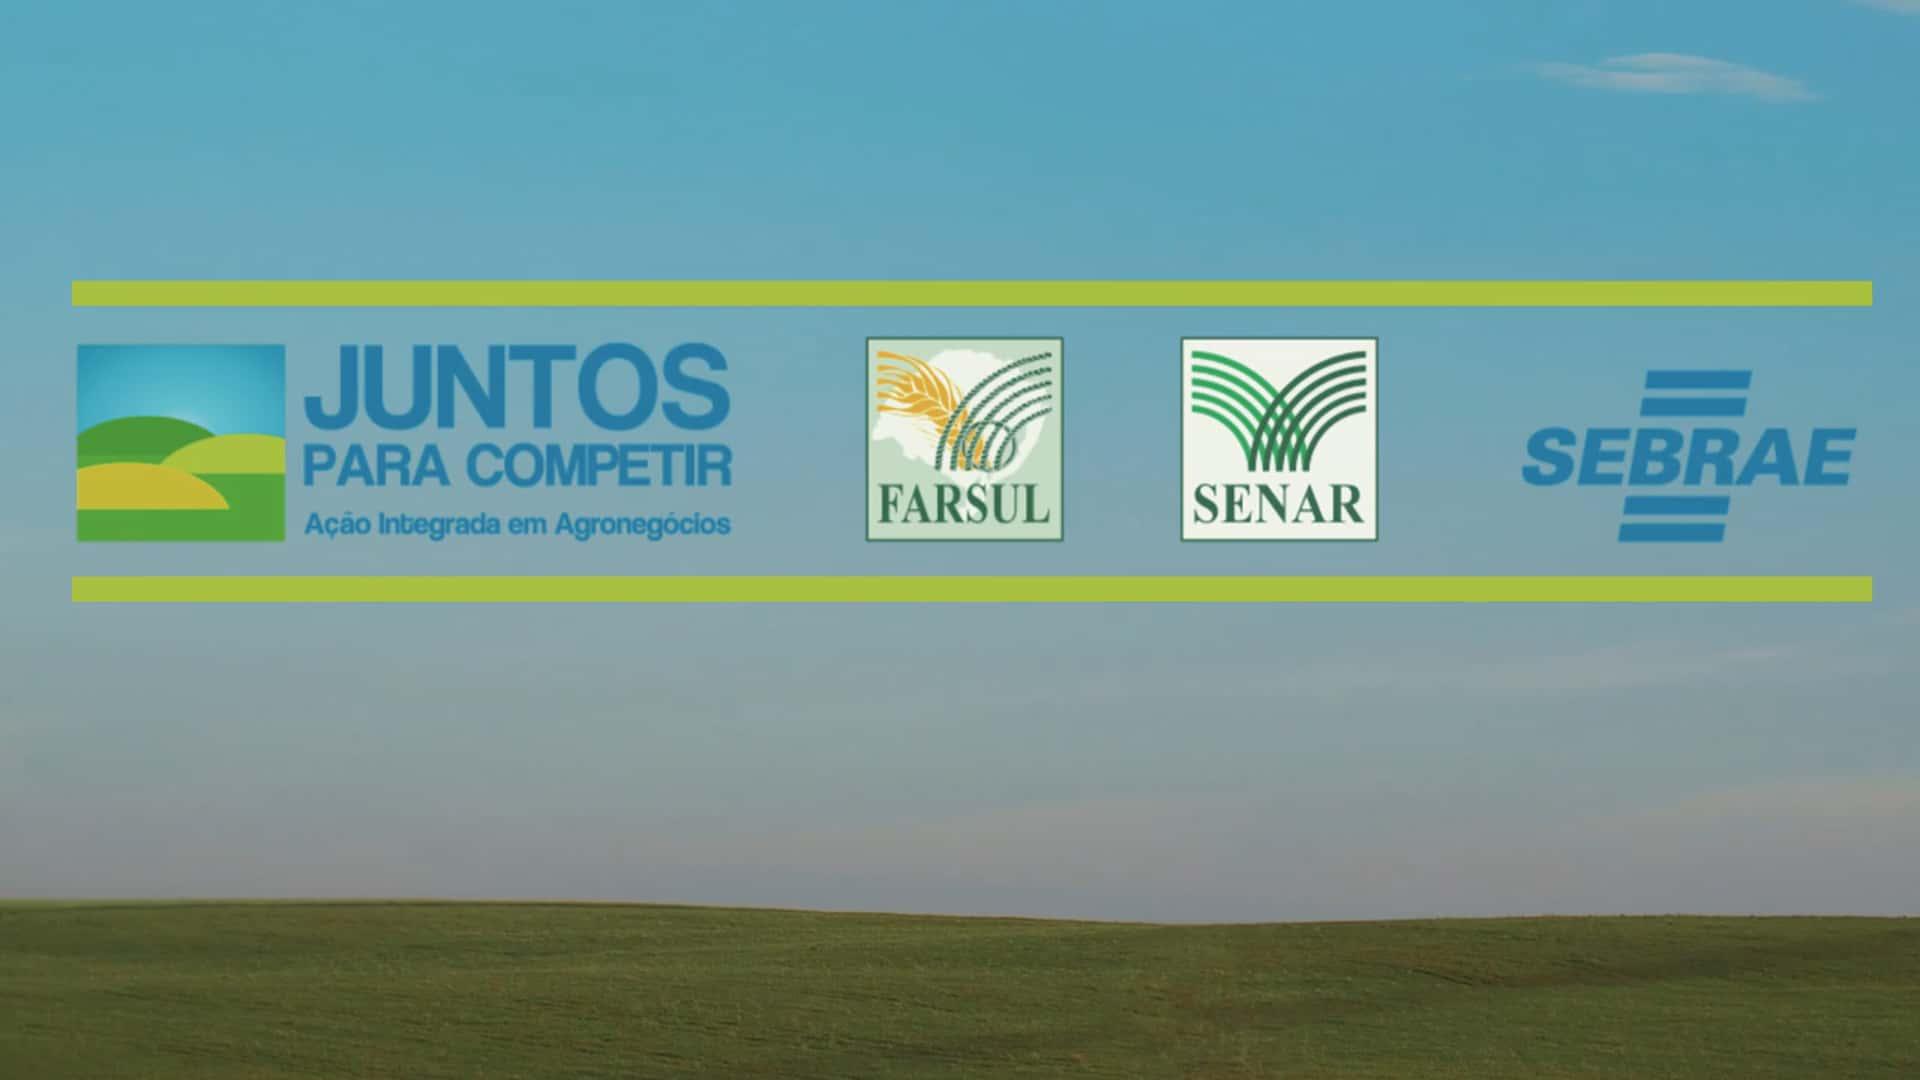 SEBRAE RS / Juntos Para Competir